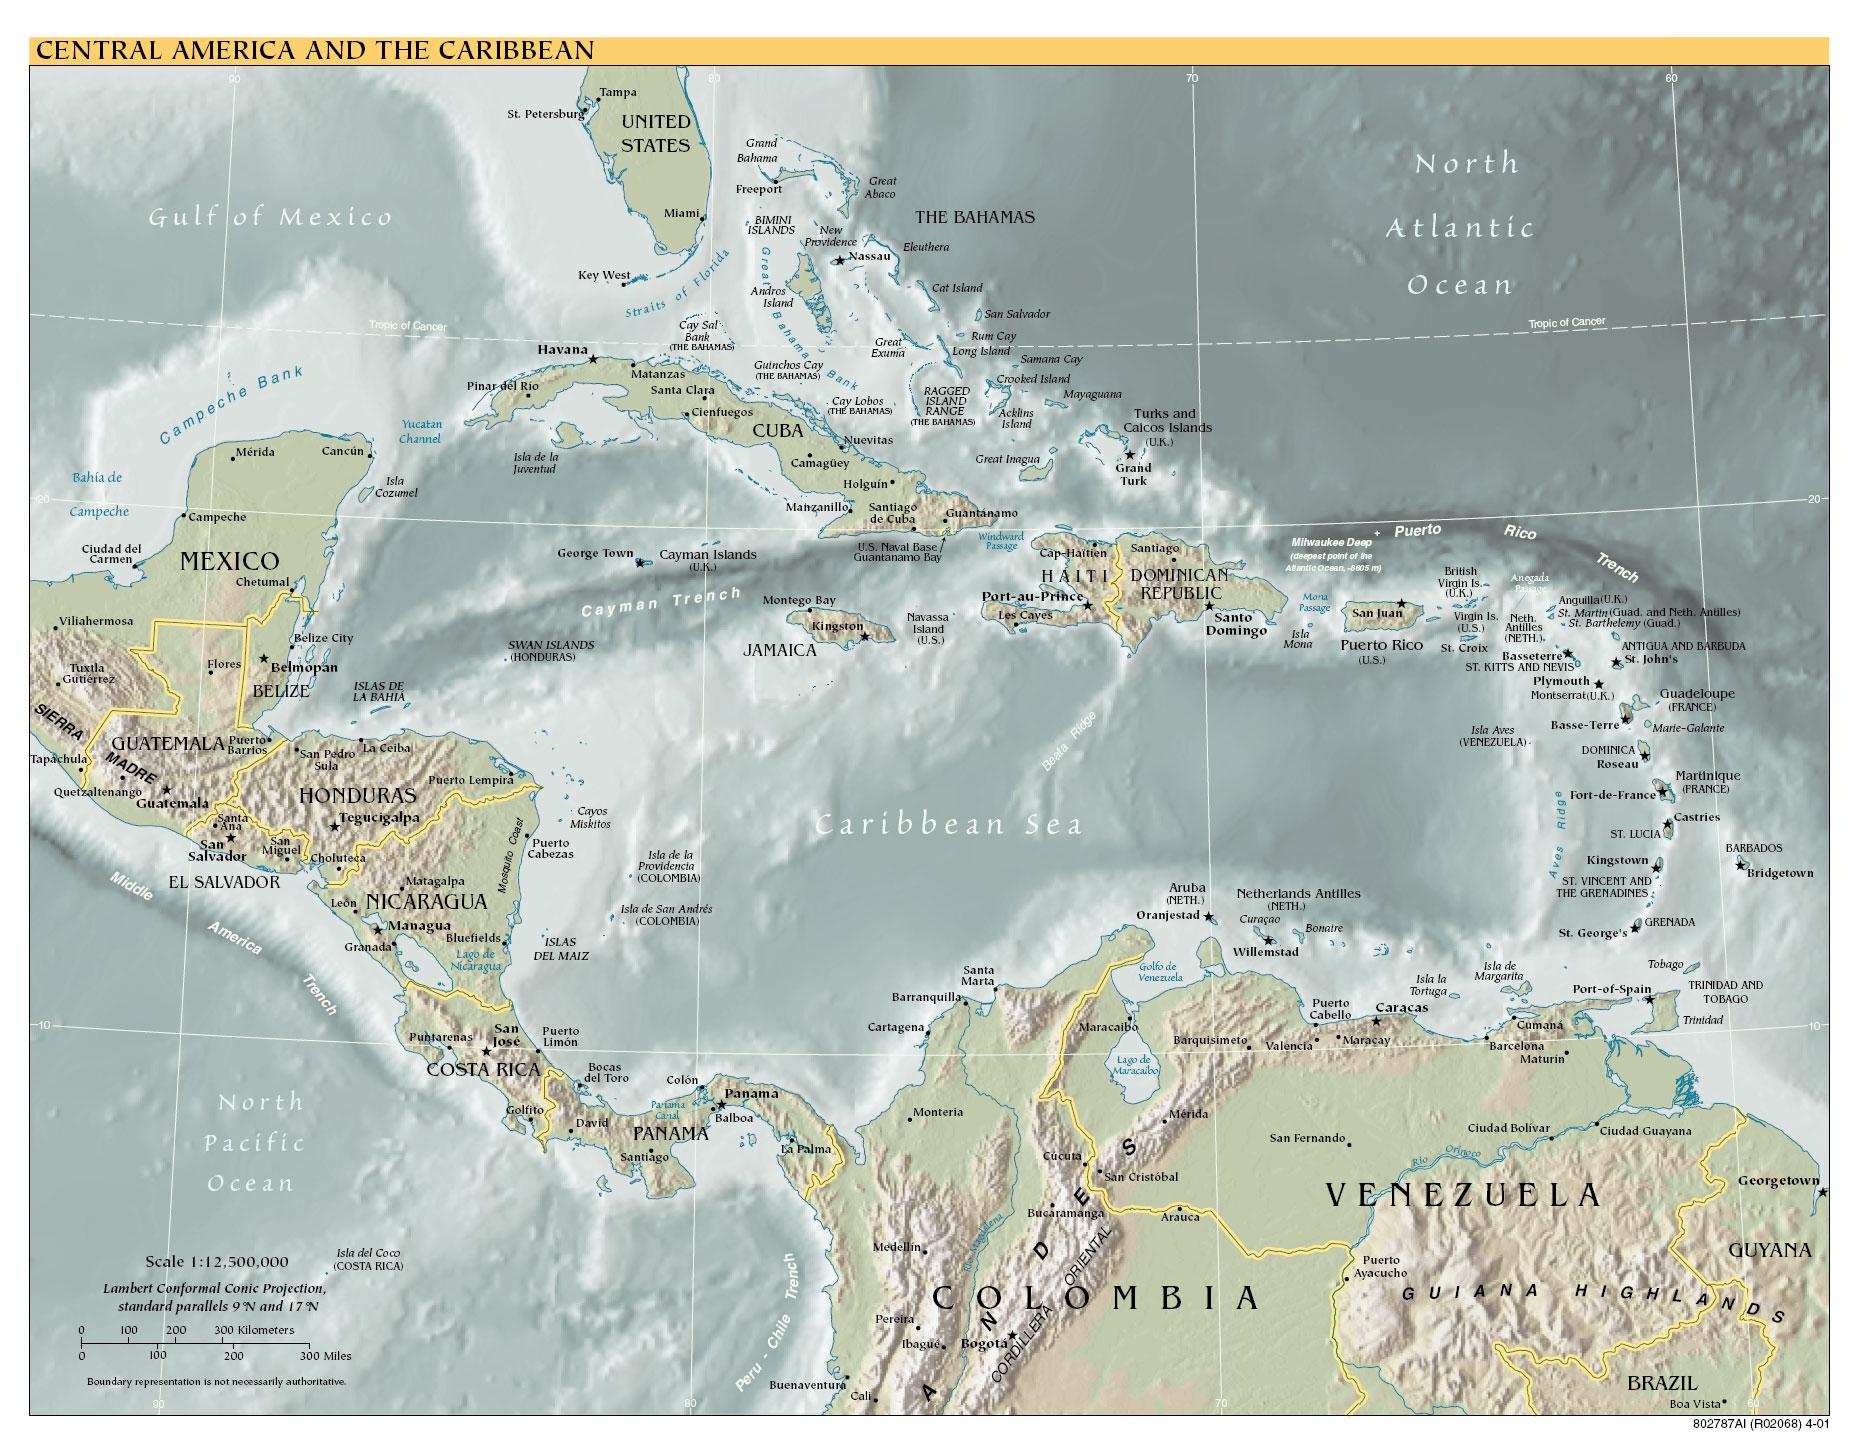 Географическая карта центральной